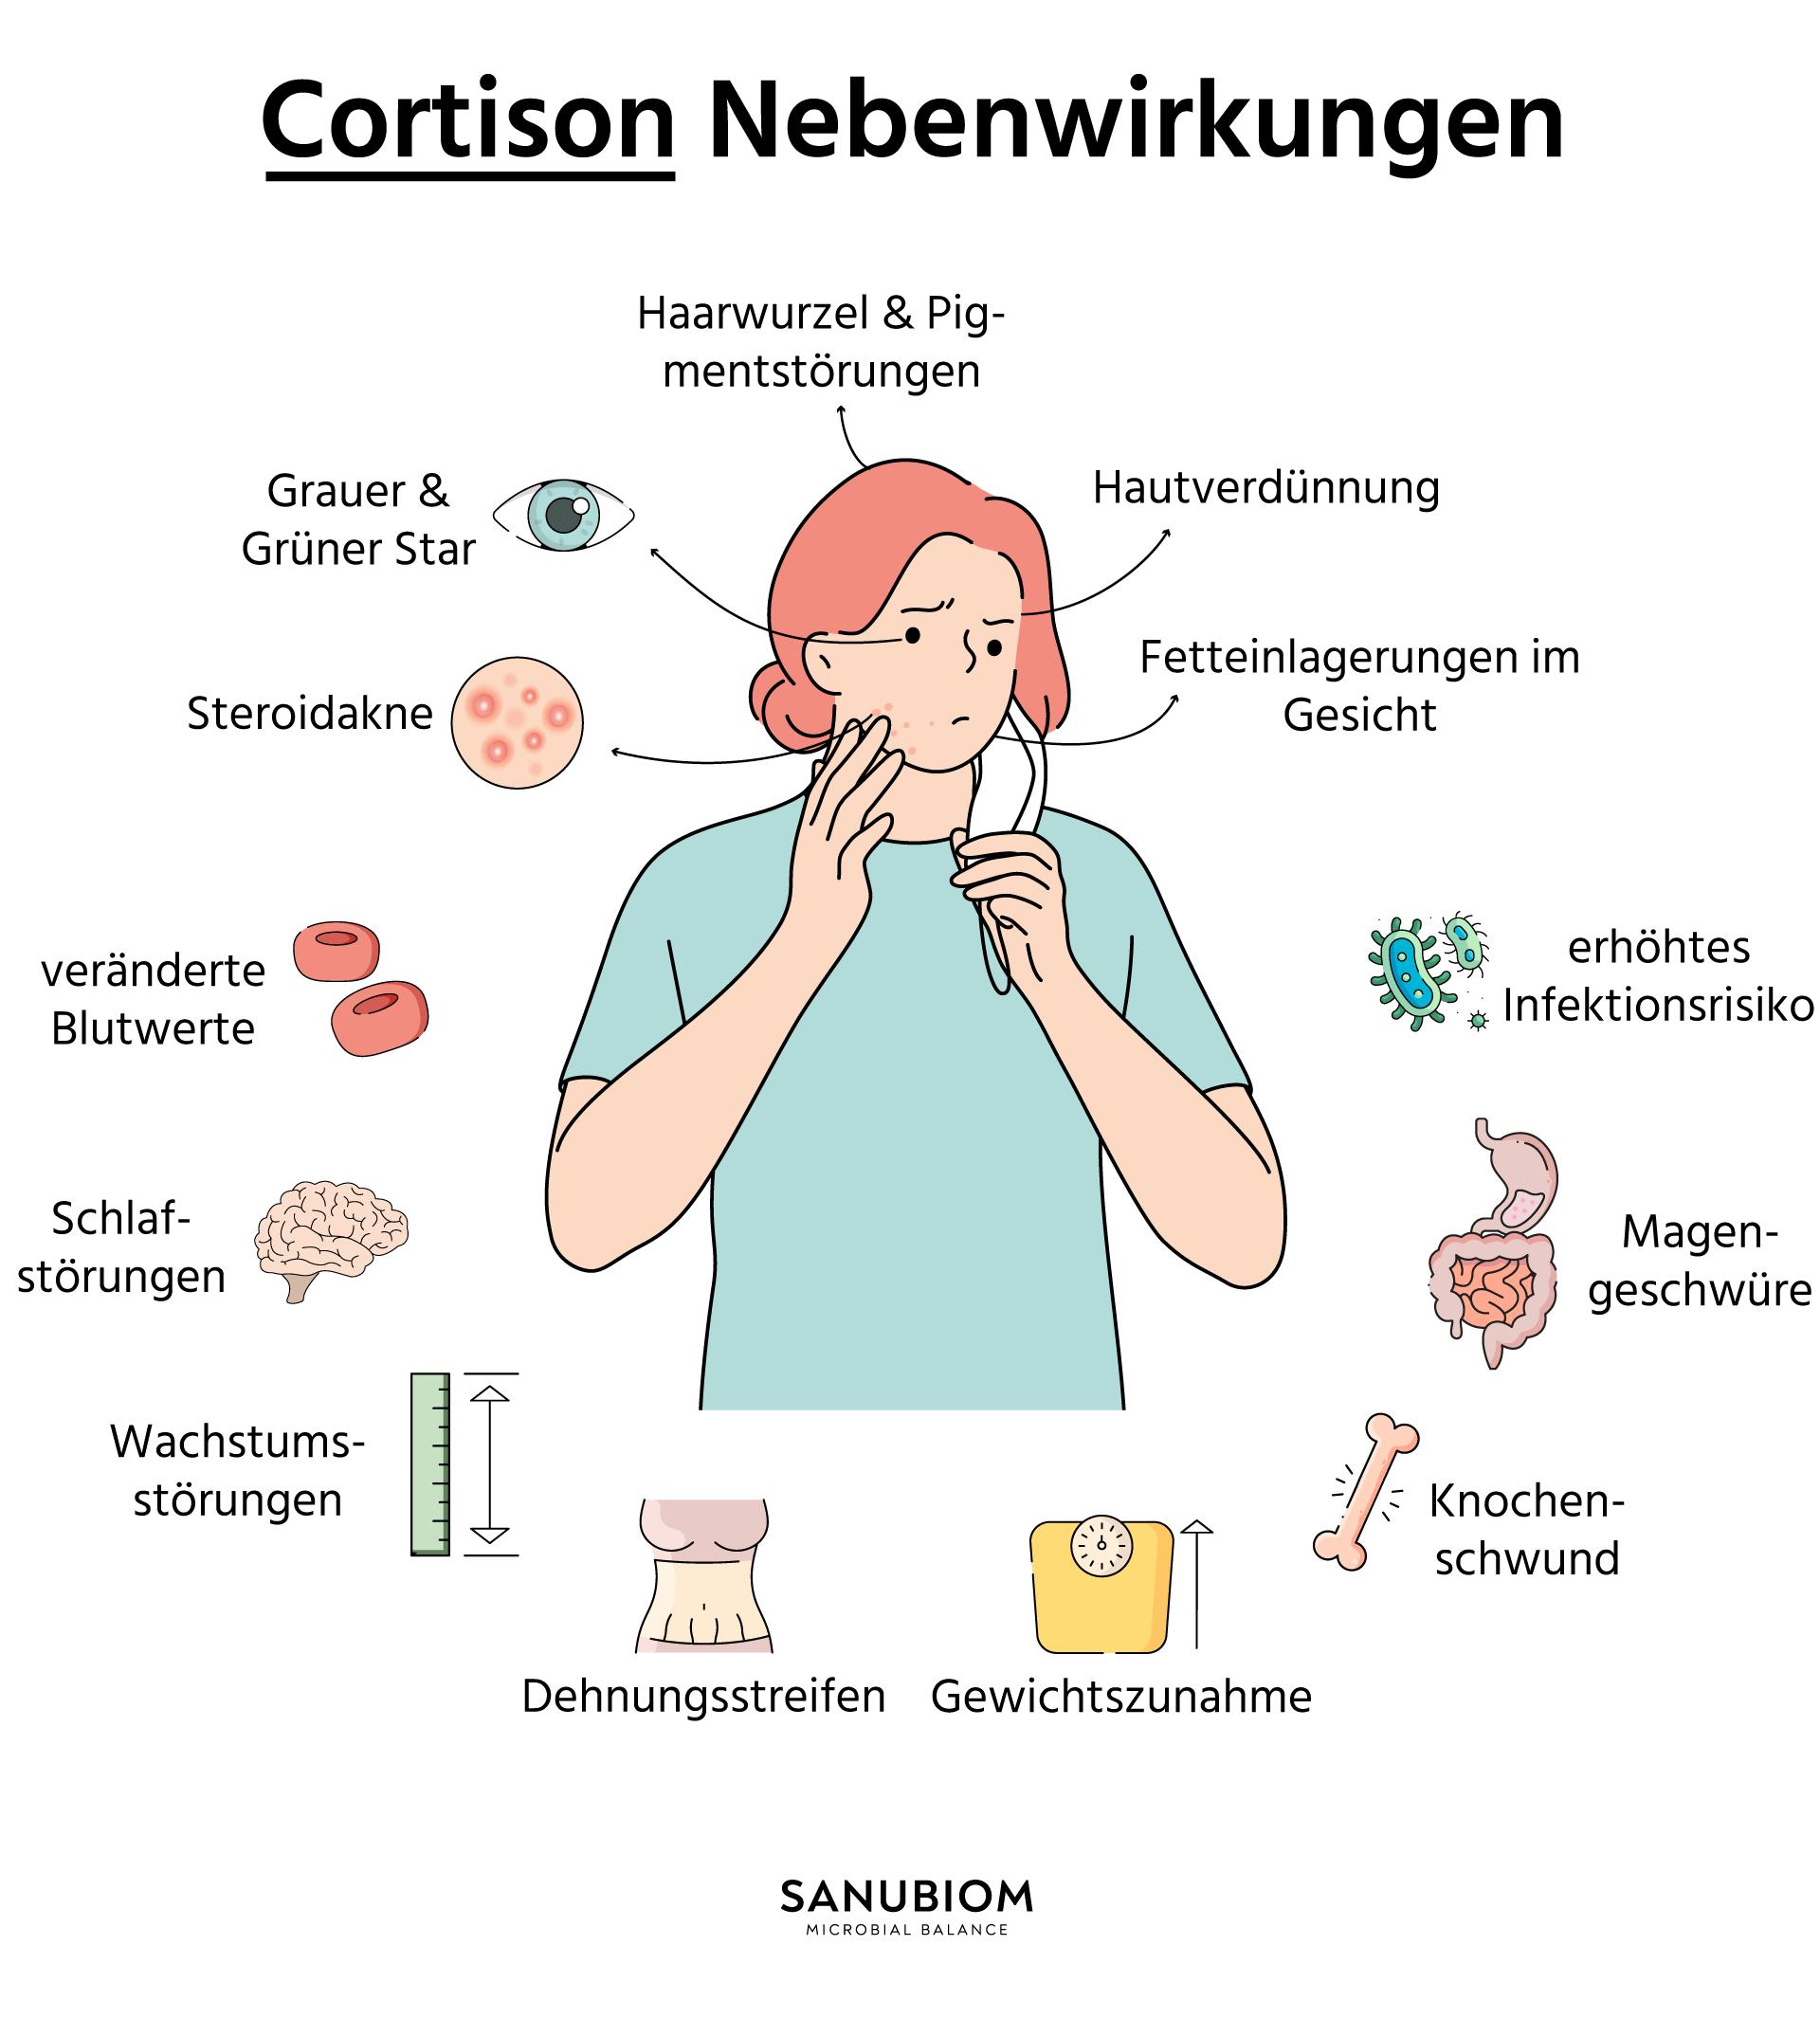 Nebenwirkungen von Cortison